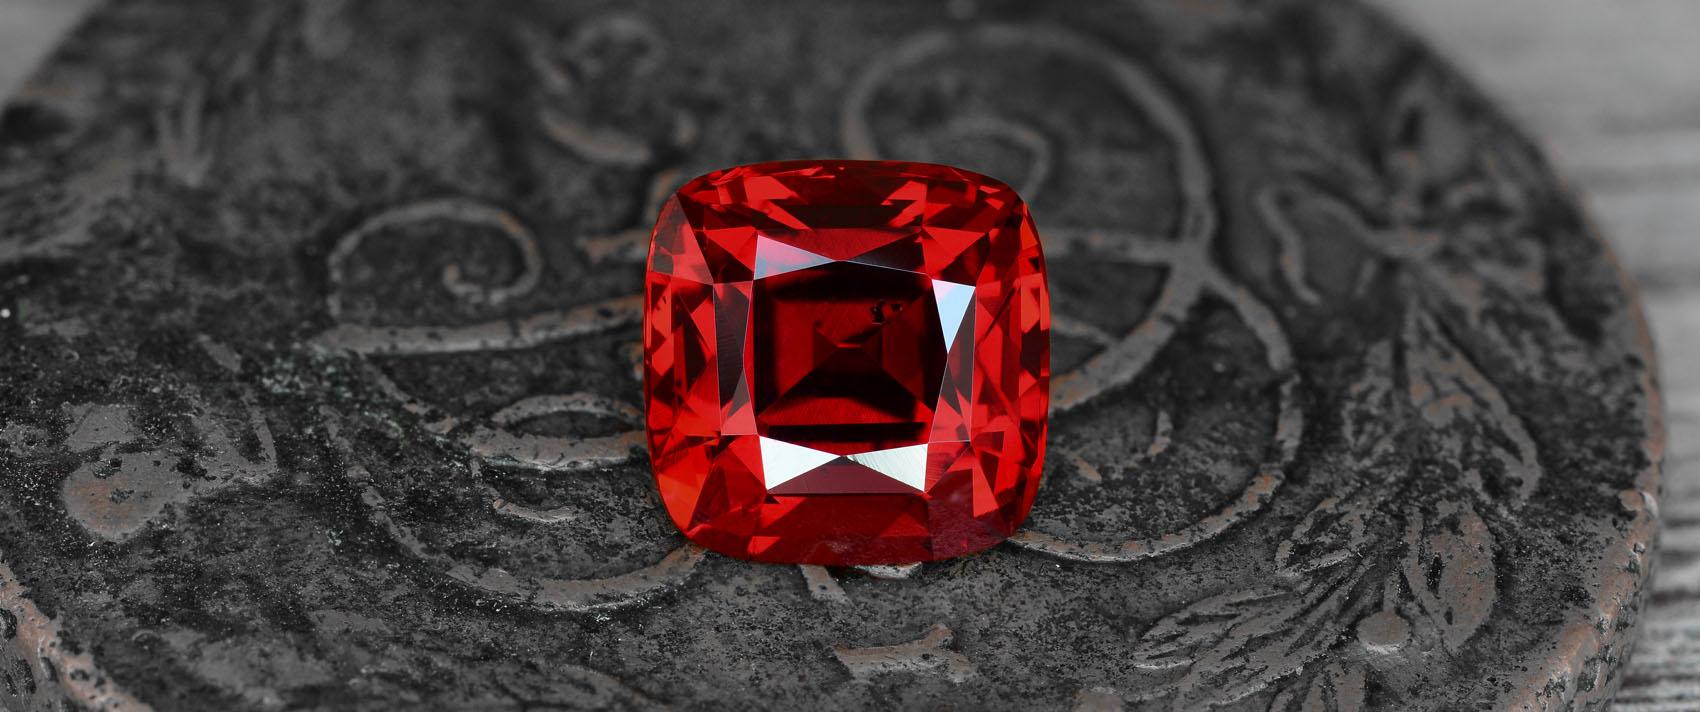 Камень шпинель: магические и лечебные свойства камня, кому подходит шпинель  по знаку зодиака